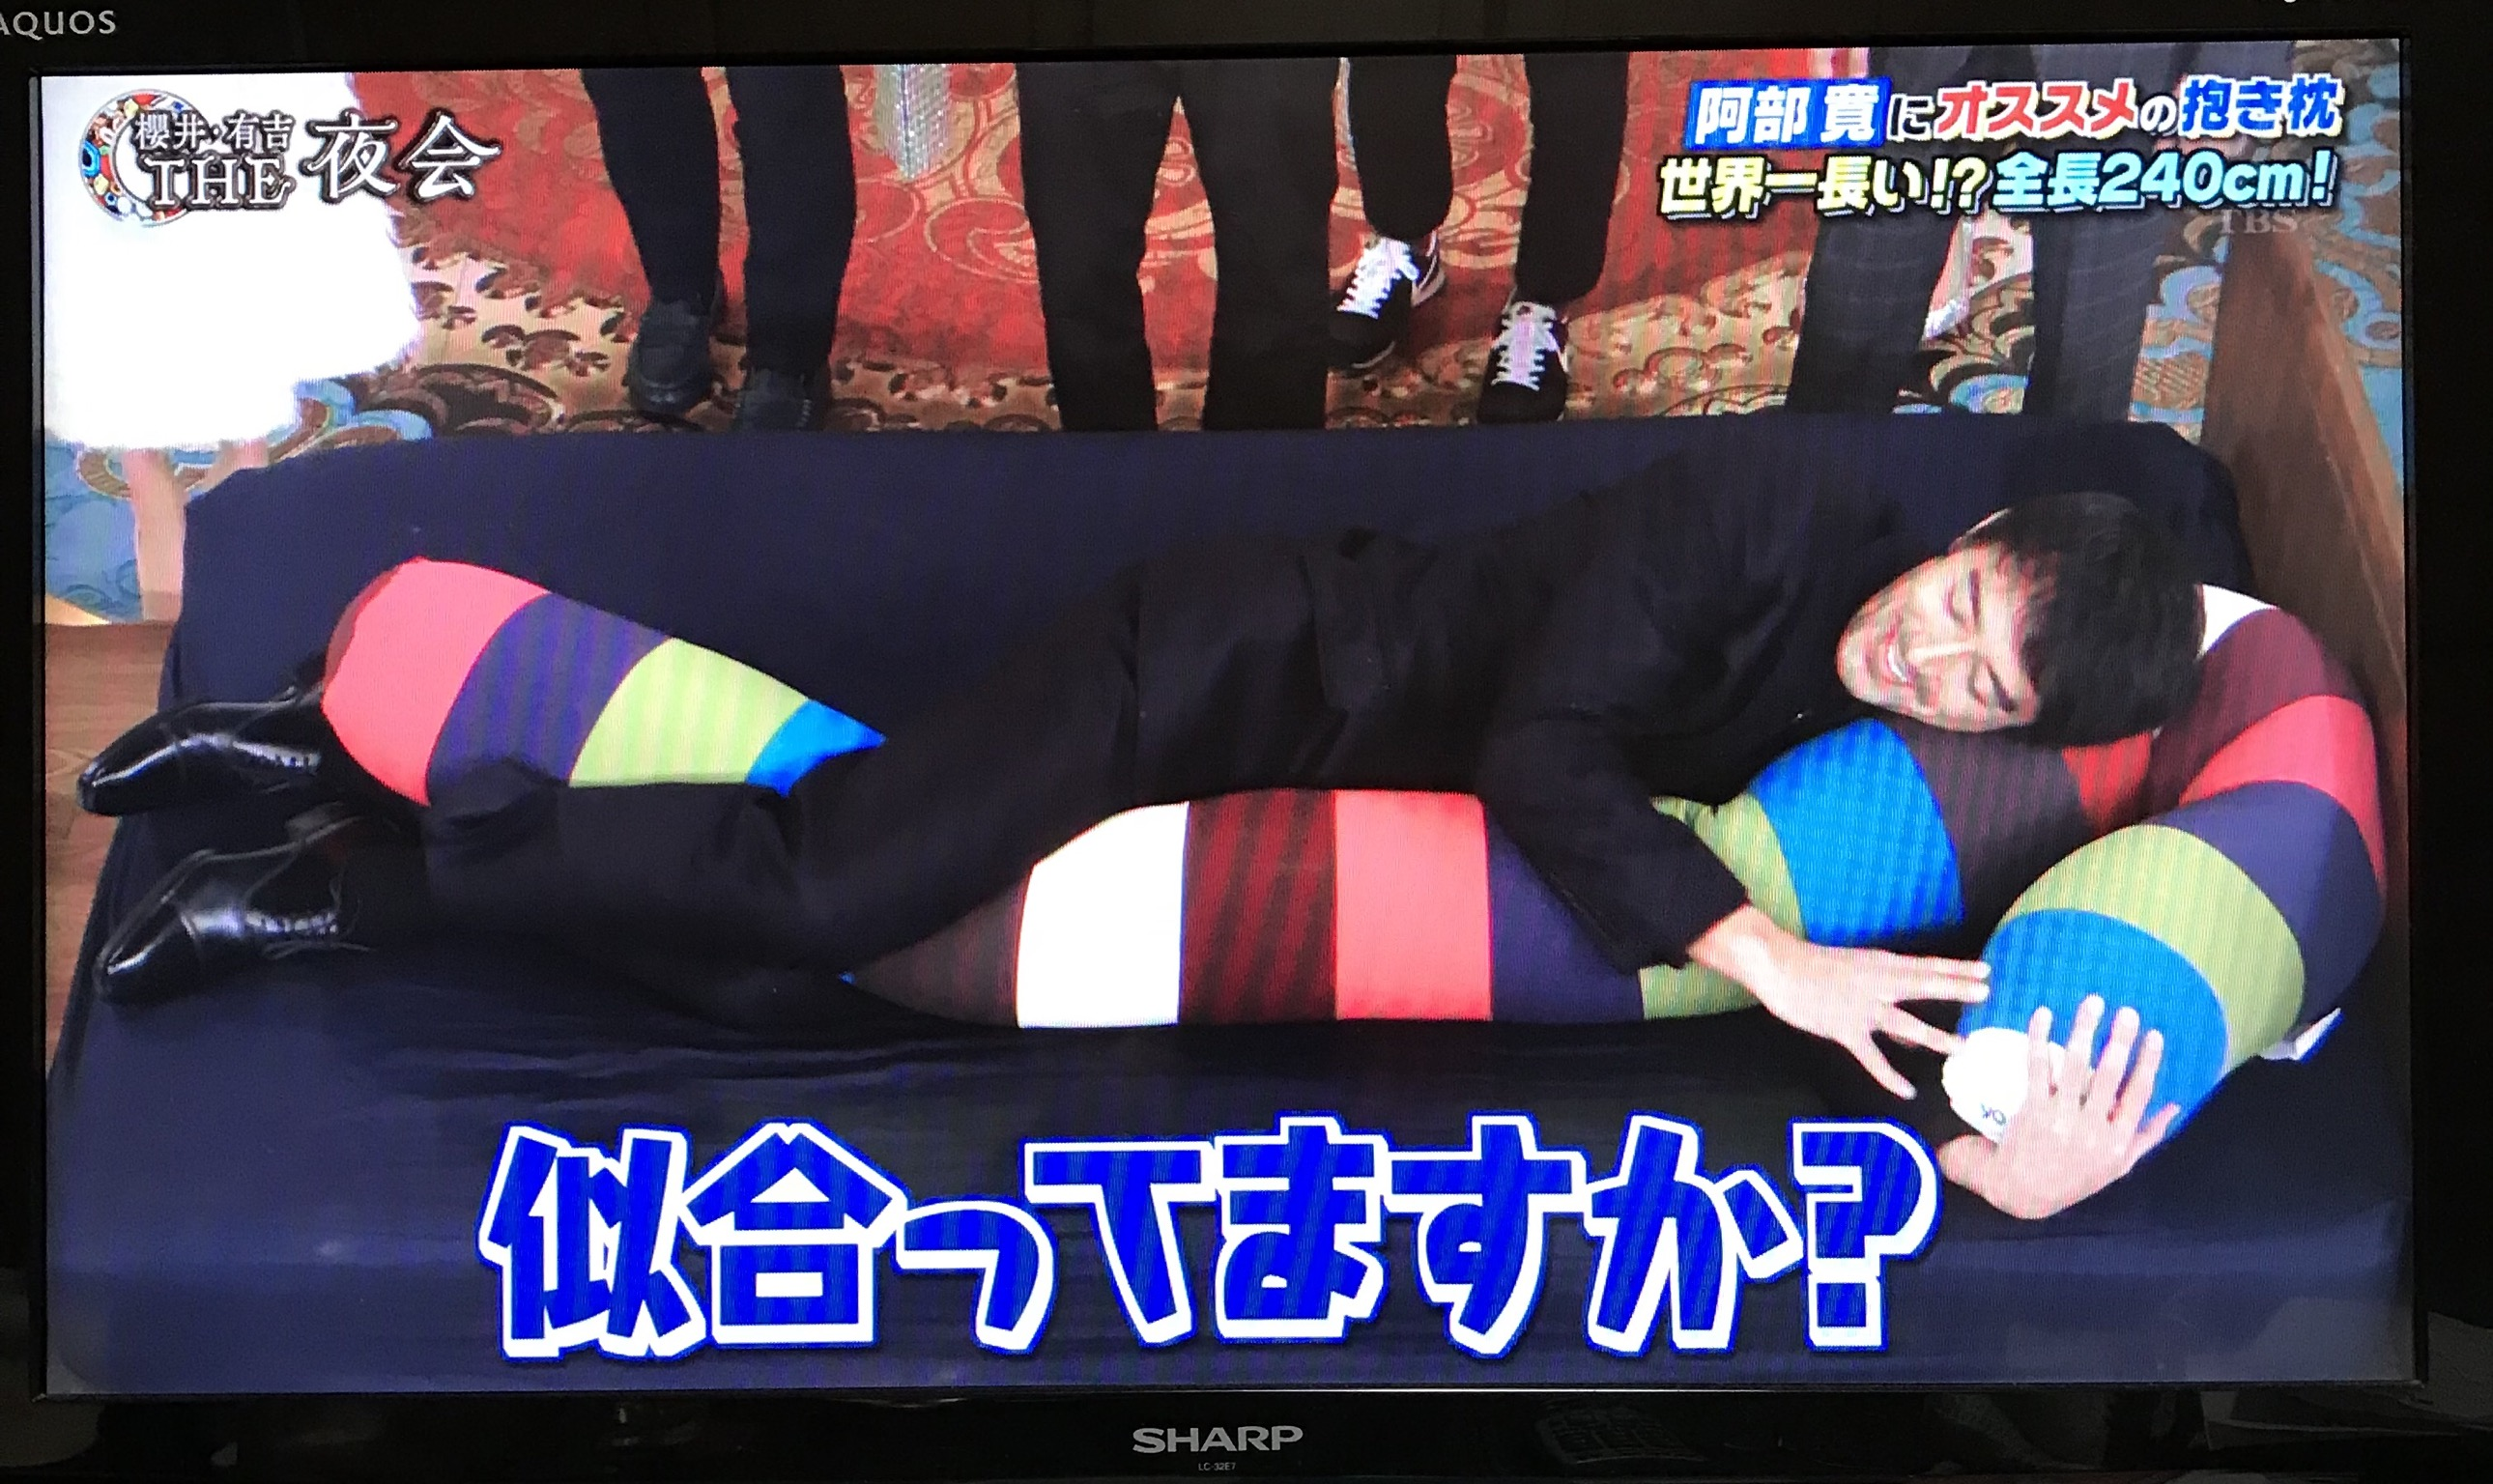 ヨギボー キャタピラー ロール ロング・阿部寛さんにおすすめ・櫻井・有吉 THE夜会